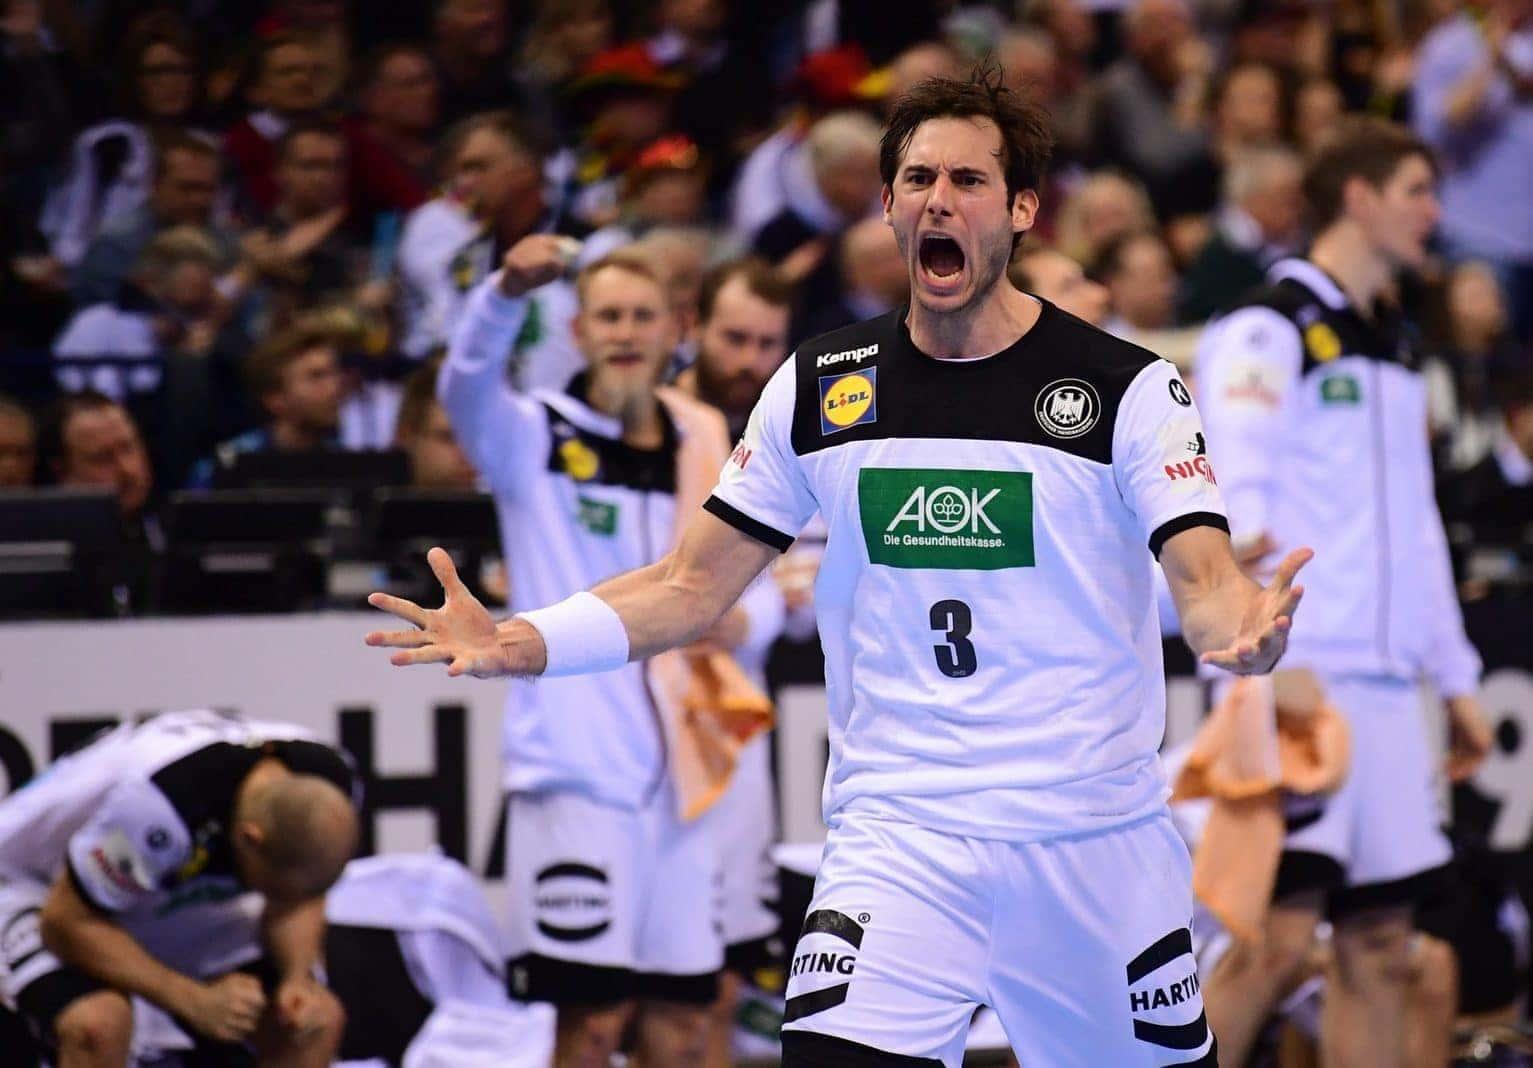 Handball-EM 2020 Gensheimer